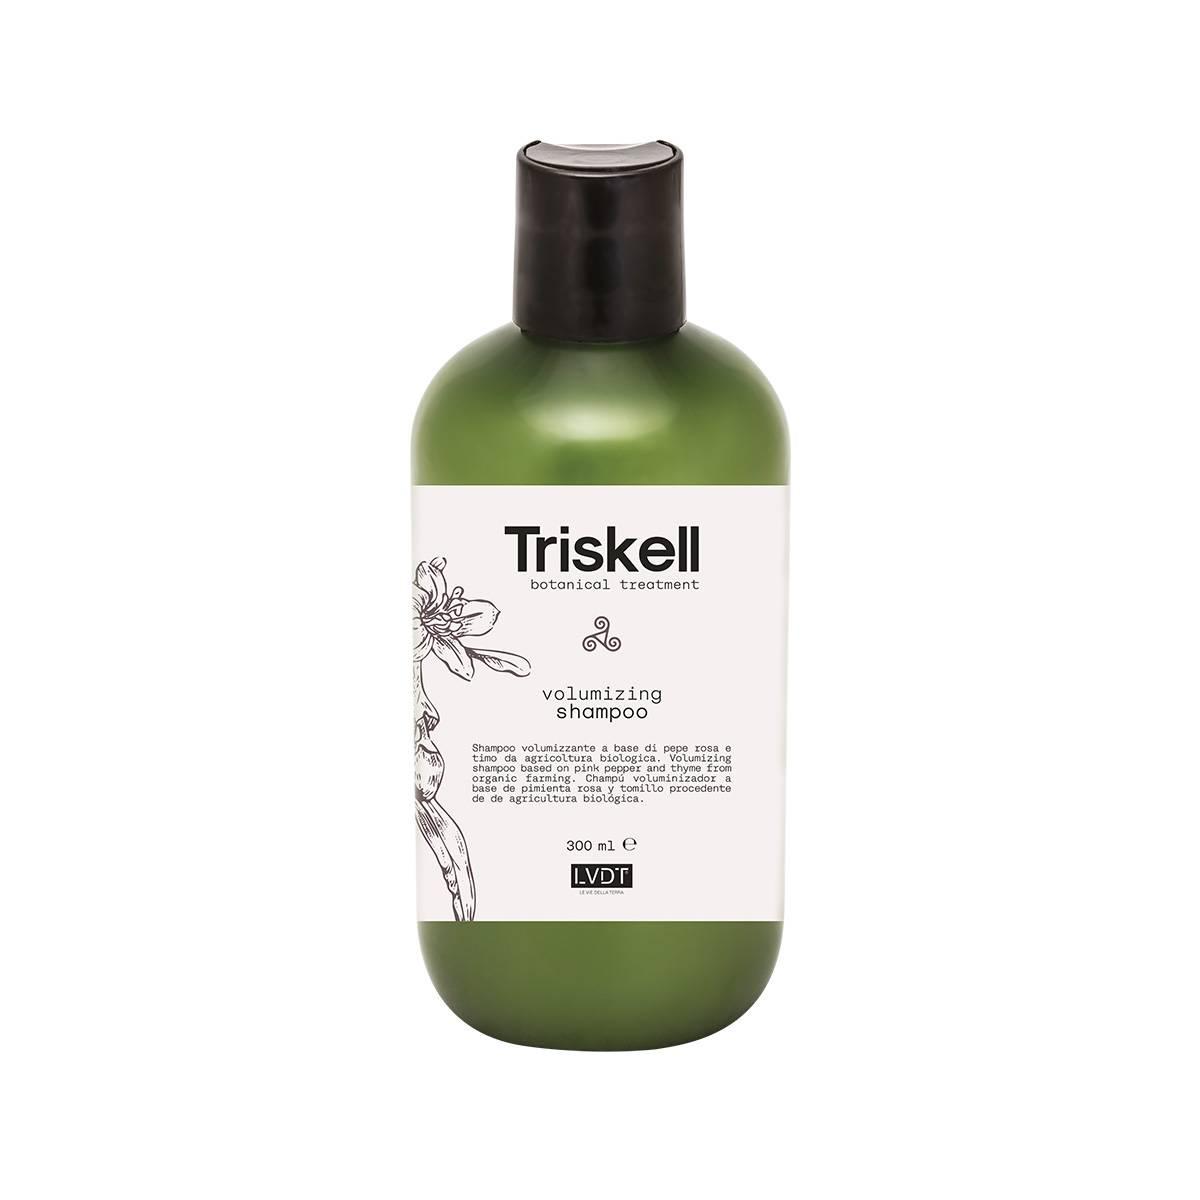 Volumizing shampoo 300ml triskell botanical treatment SHAMPOO